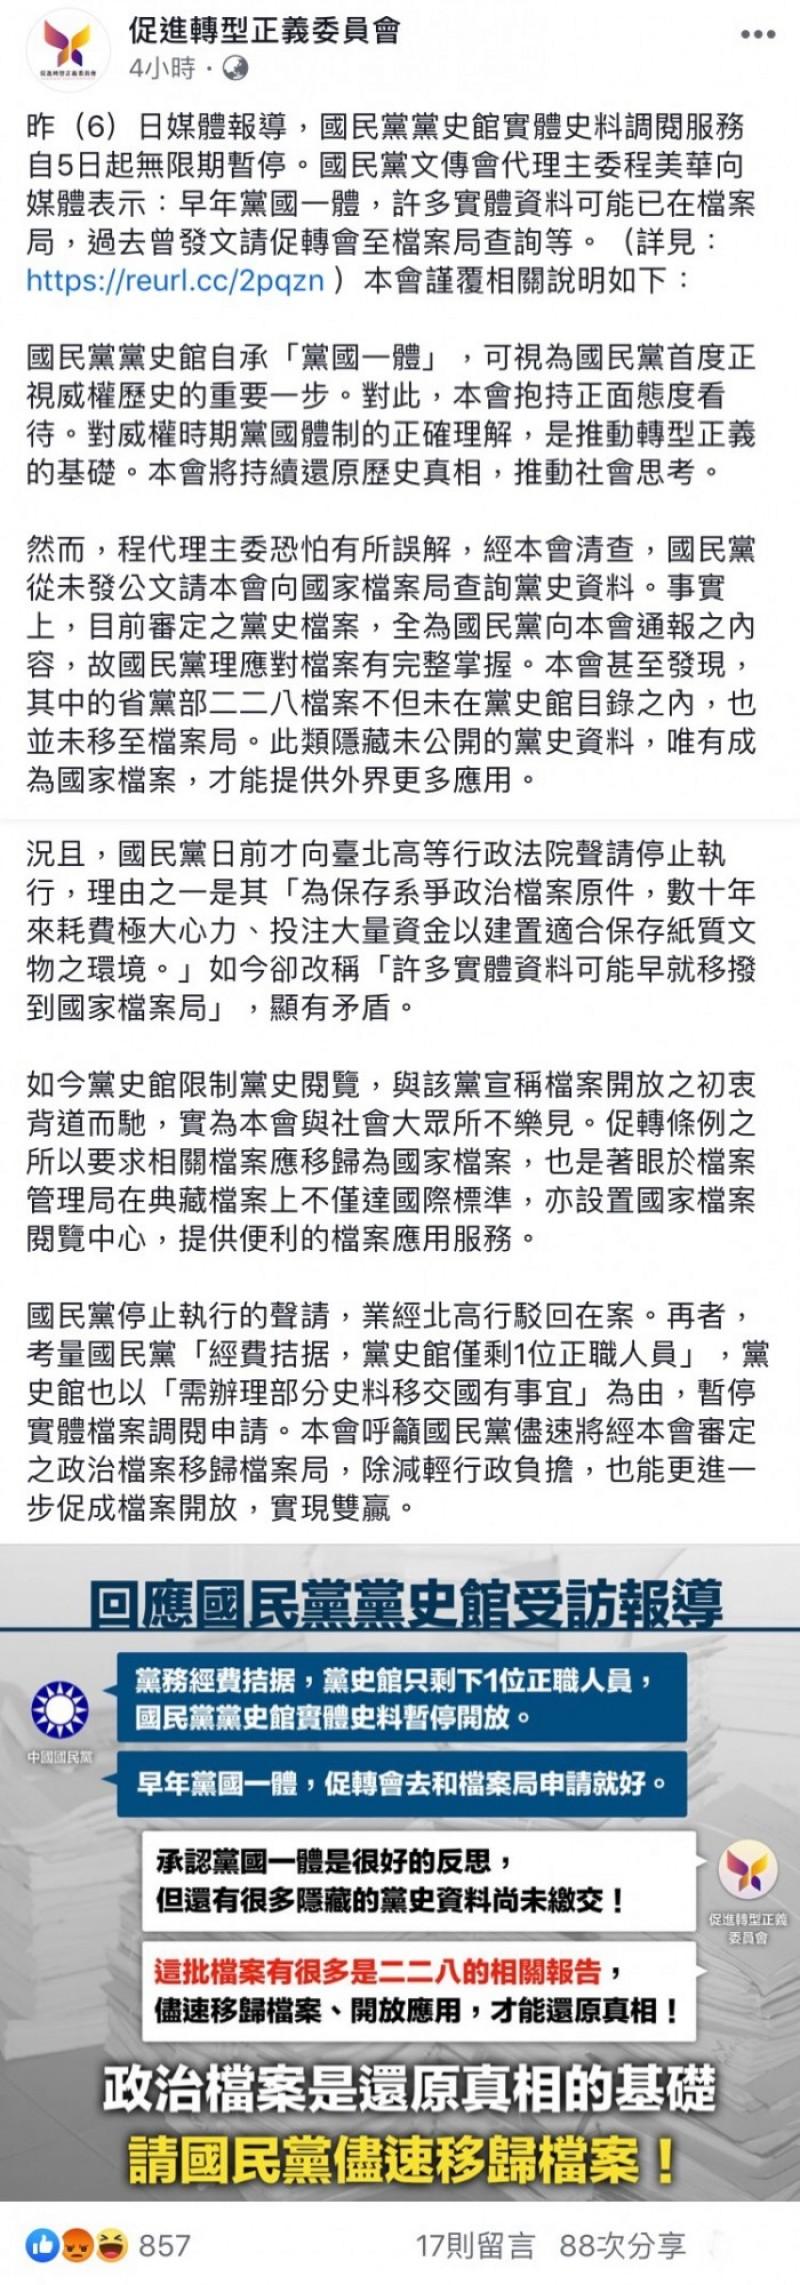 促轉會今下午於臉書回應「國民黨黨史館實體史料調閱無限期暫停」一事。(圖翻攝自臉書)